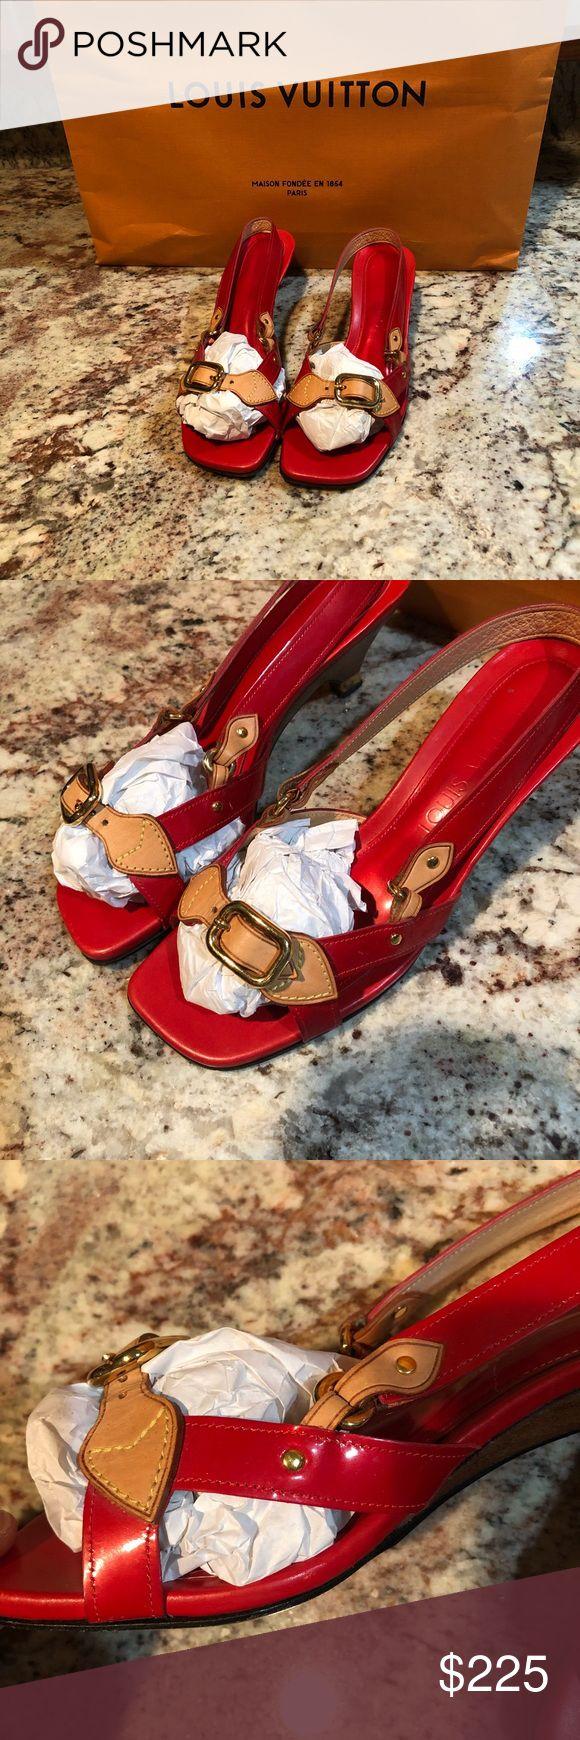 Louis Vuitton Kleid Sandale Diese wunderschönen roten Sandalen sind so bezaubernd! Das Leder …   – My Posh Picks